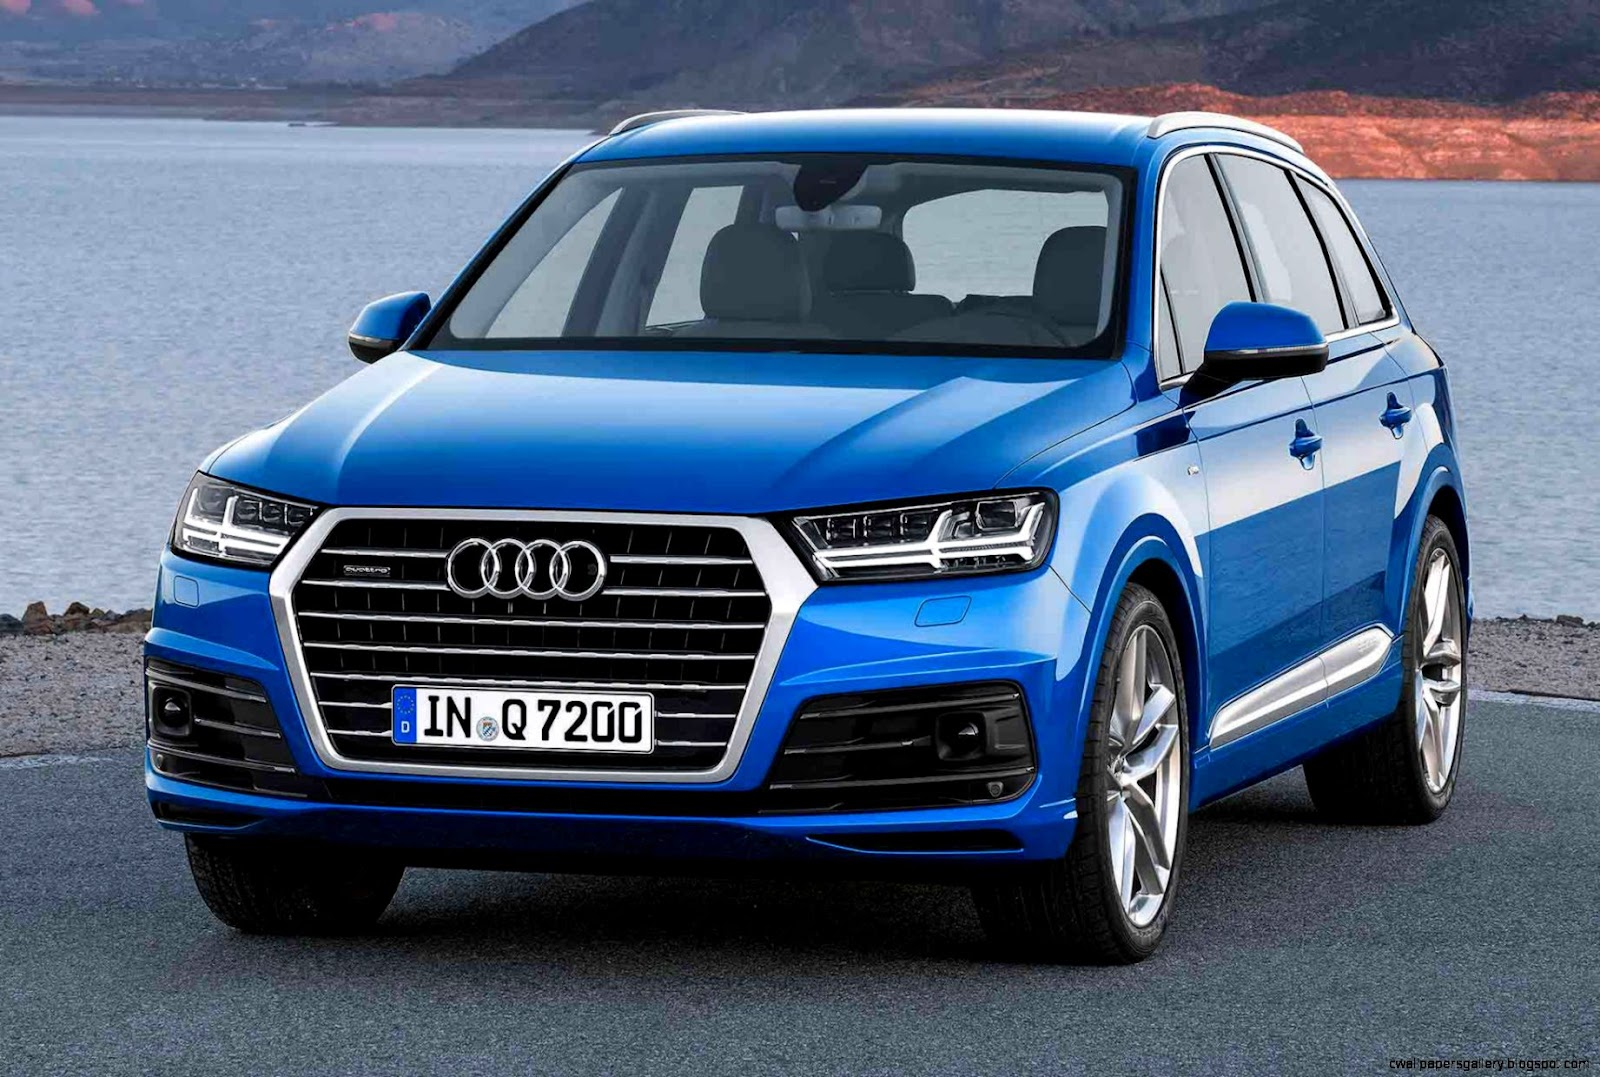 New Audi Q7 2016